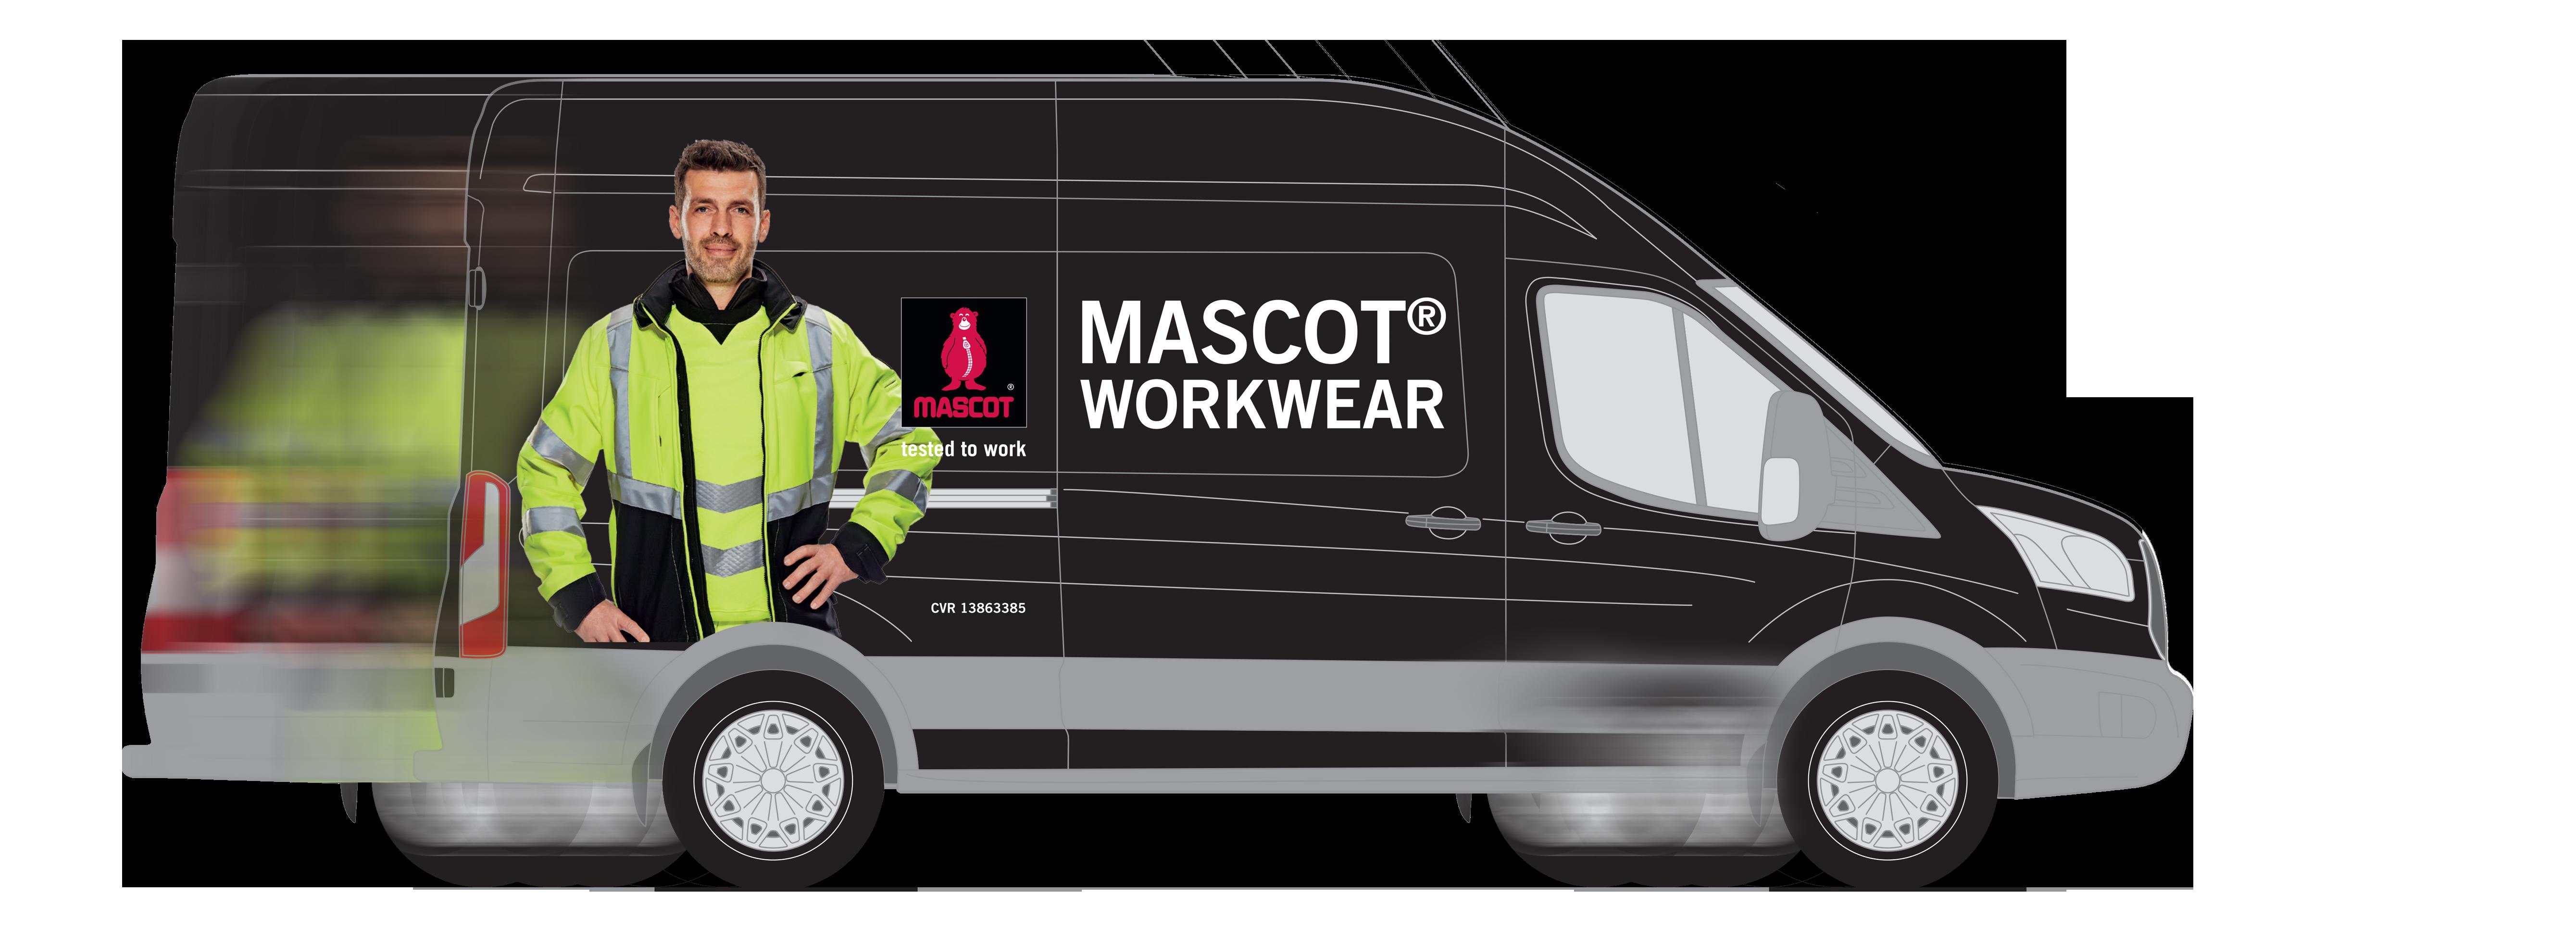 mascot-showvan